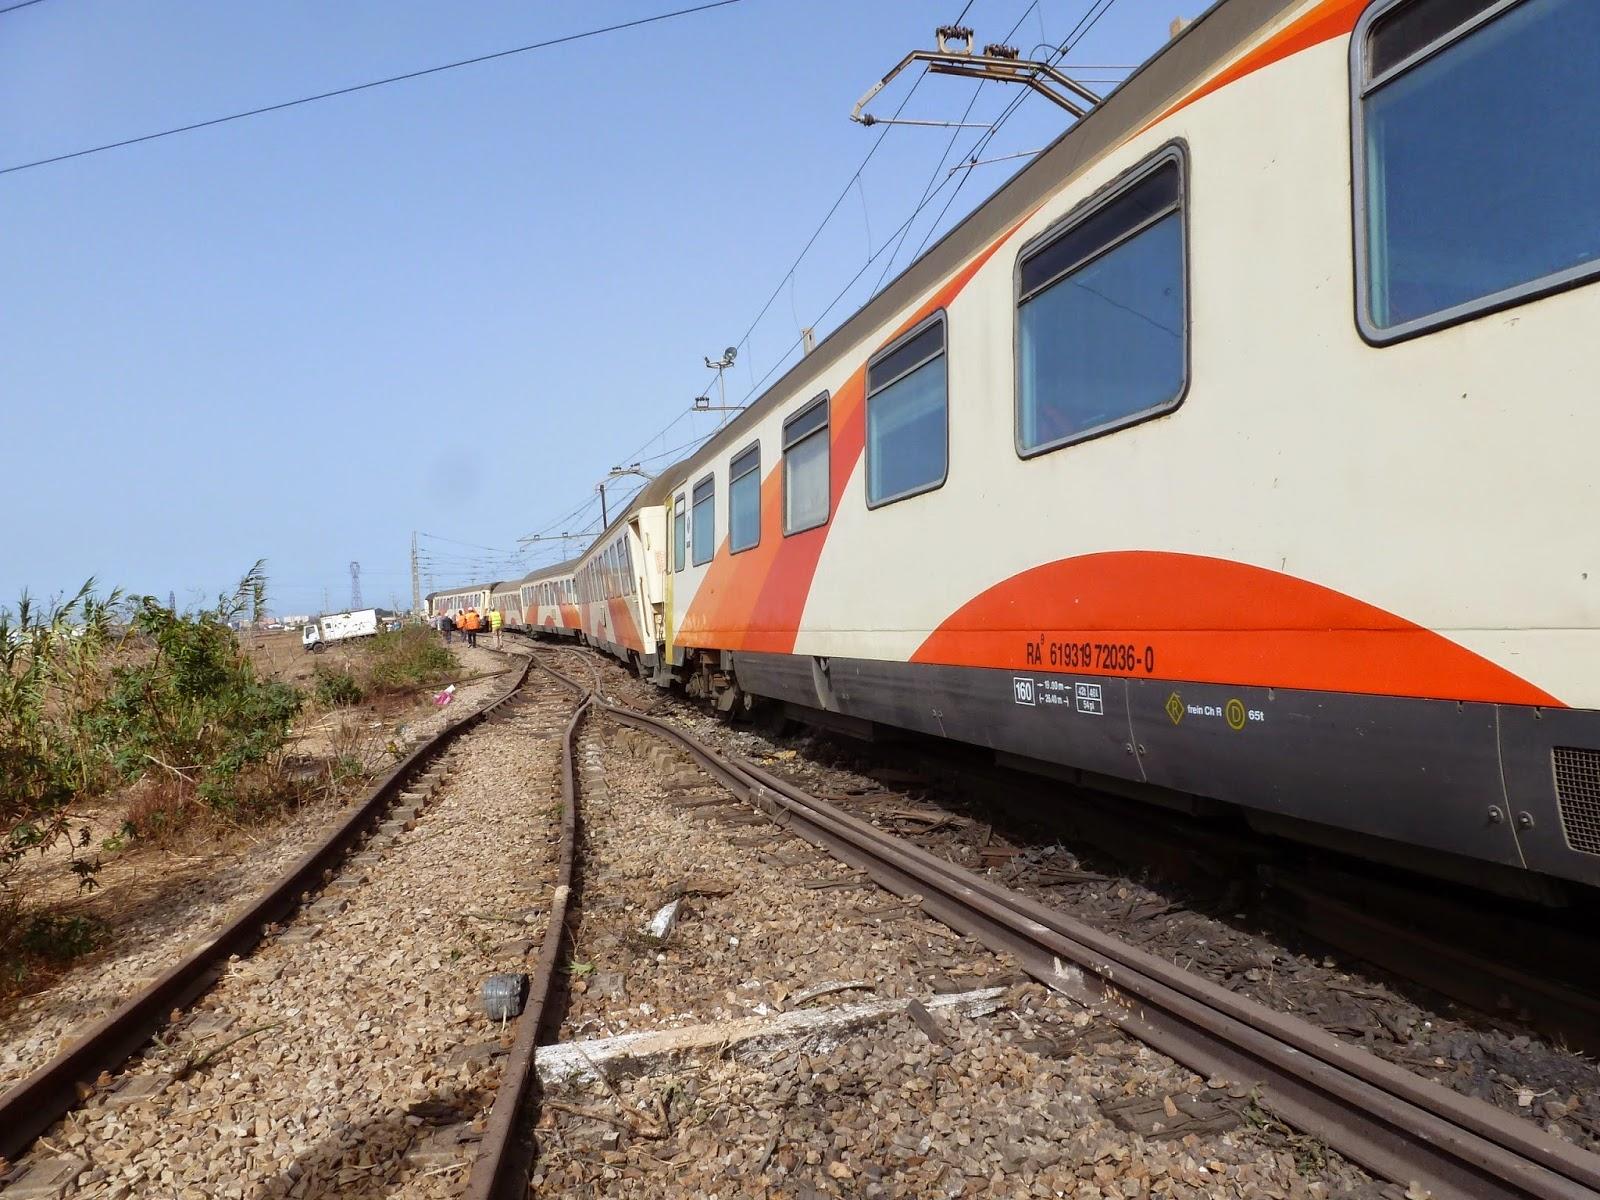 مدير المكتب الوطني للسكة الحديدية يحمل السائق مسؤولية حادثة محطة زناتة